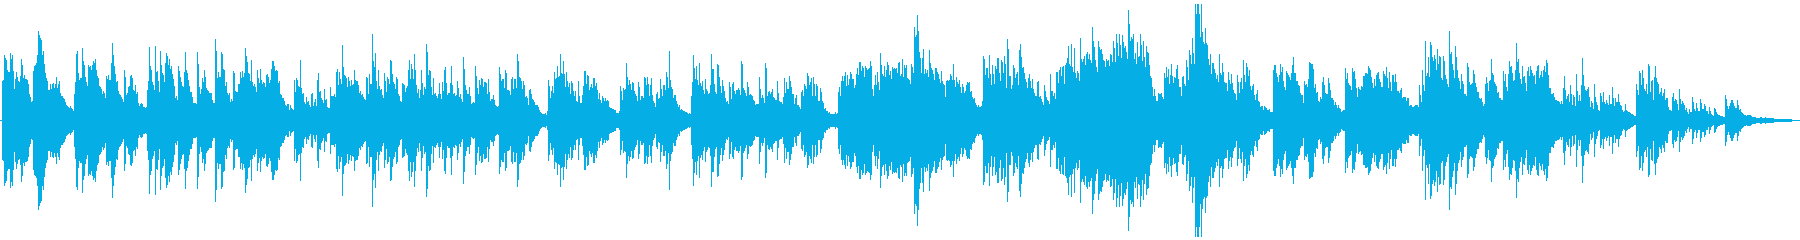 静かなピアノソロの再生済みの波形